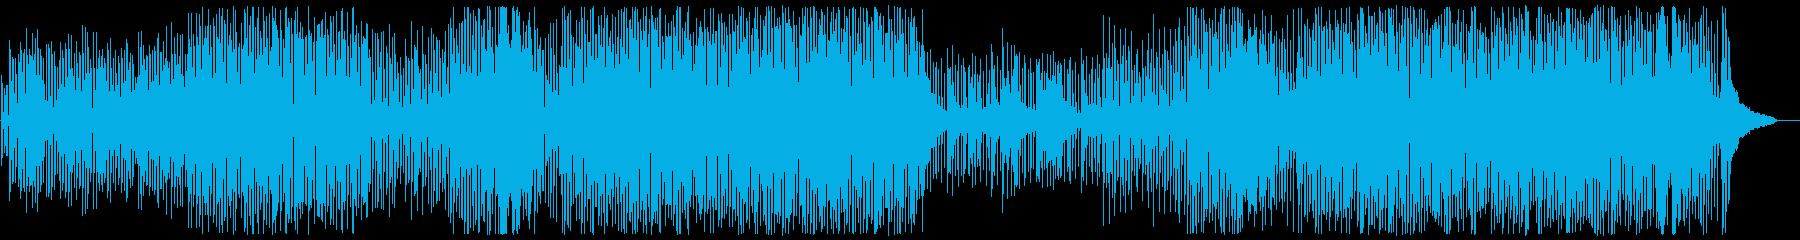 わくわくほのぼのリコーダーアンサンブルの再生済みの波形